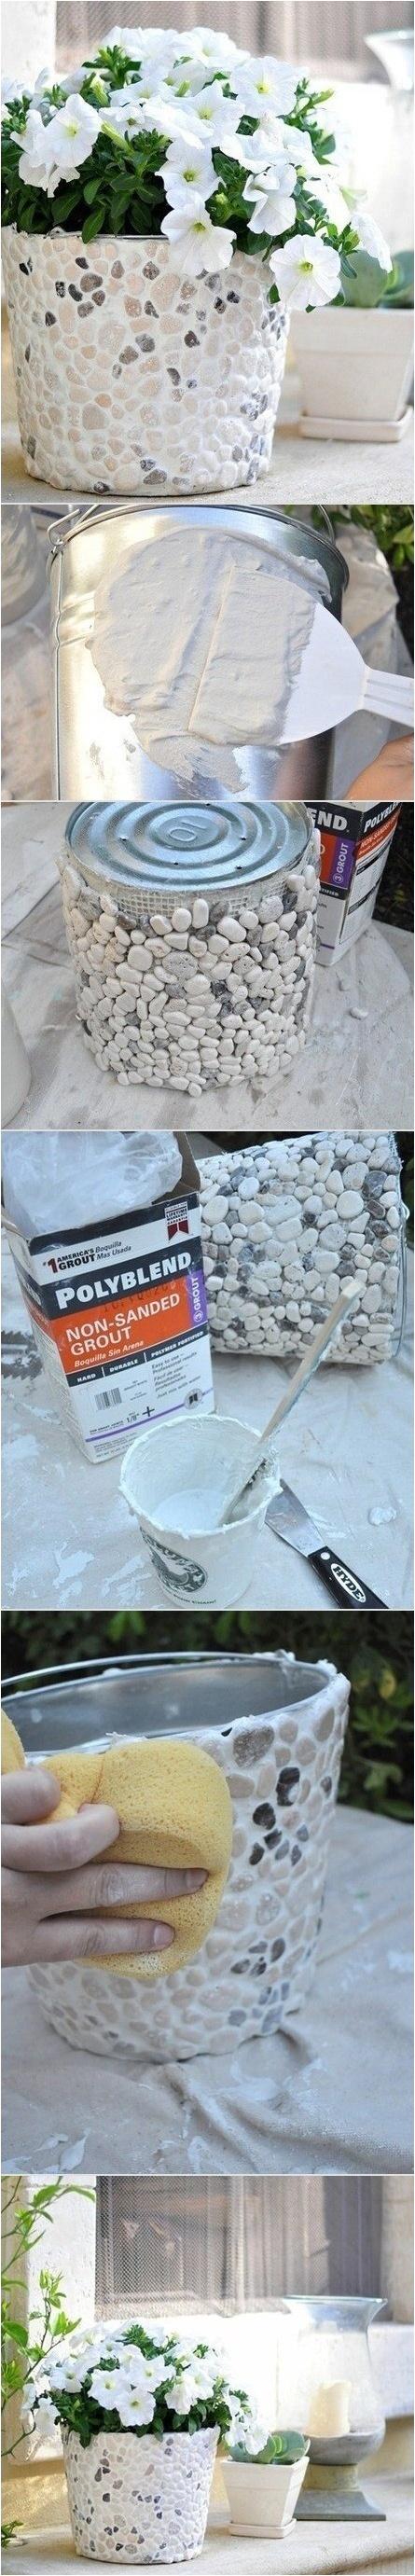 Reutiliza tus latas de pintura y crea hermosas maseteras personalizadas.